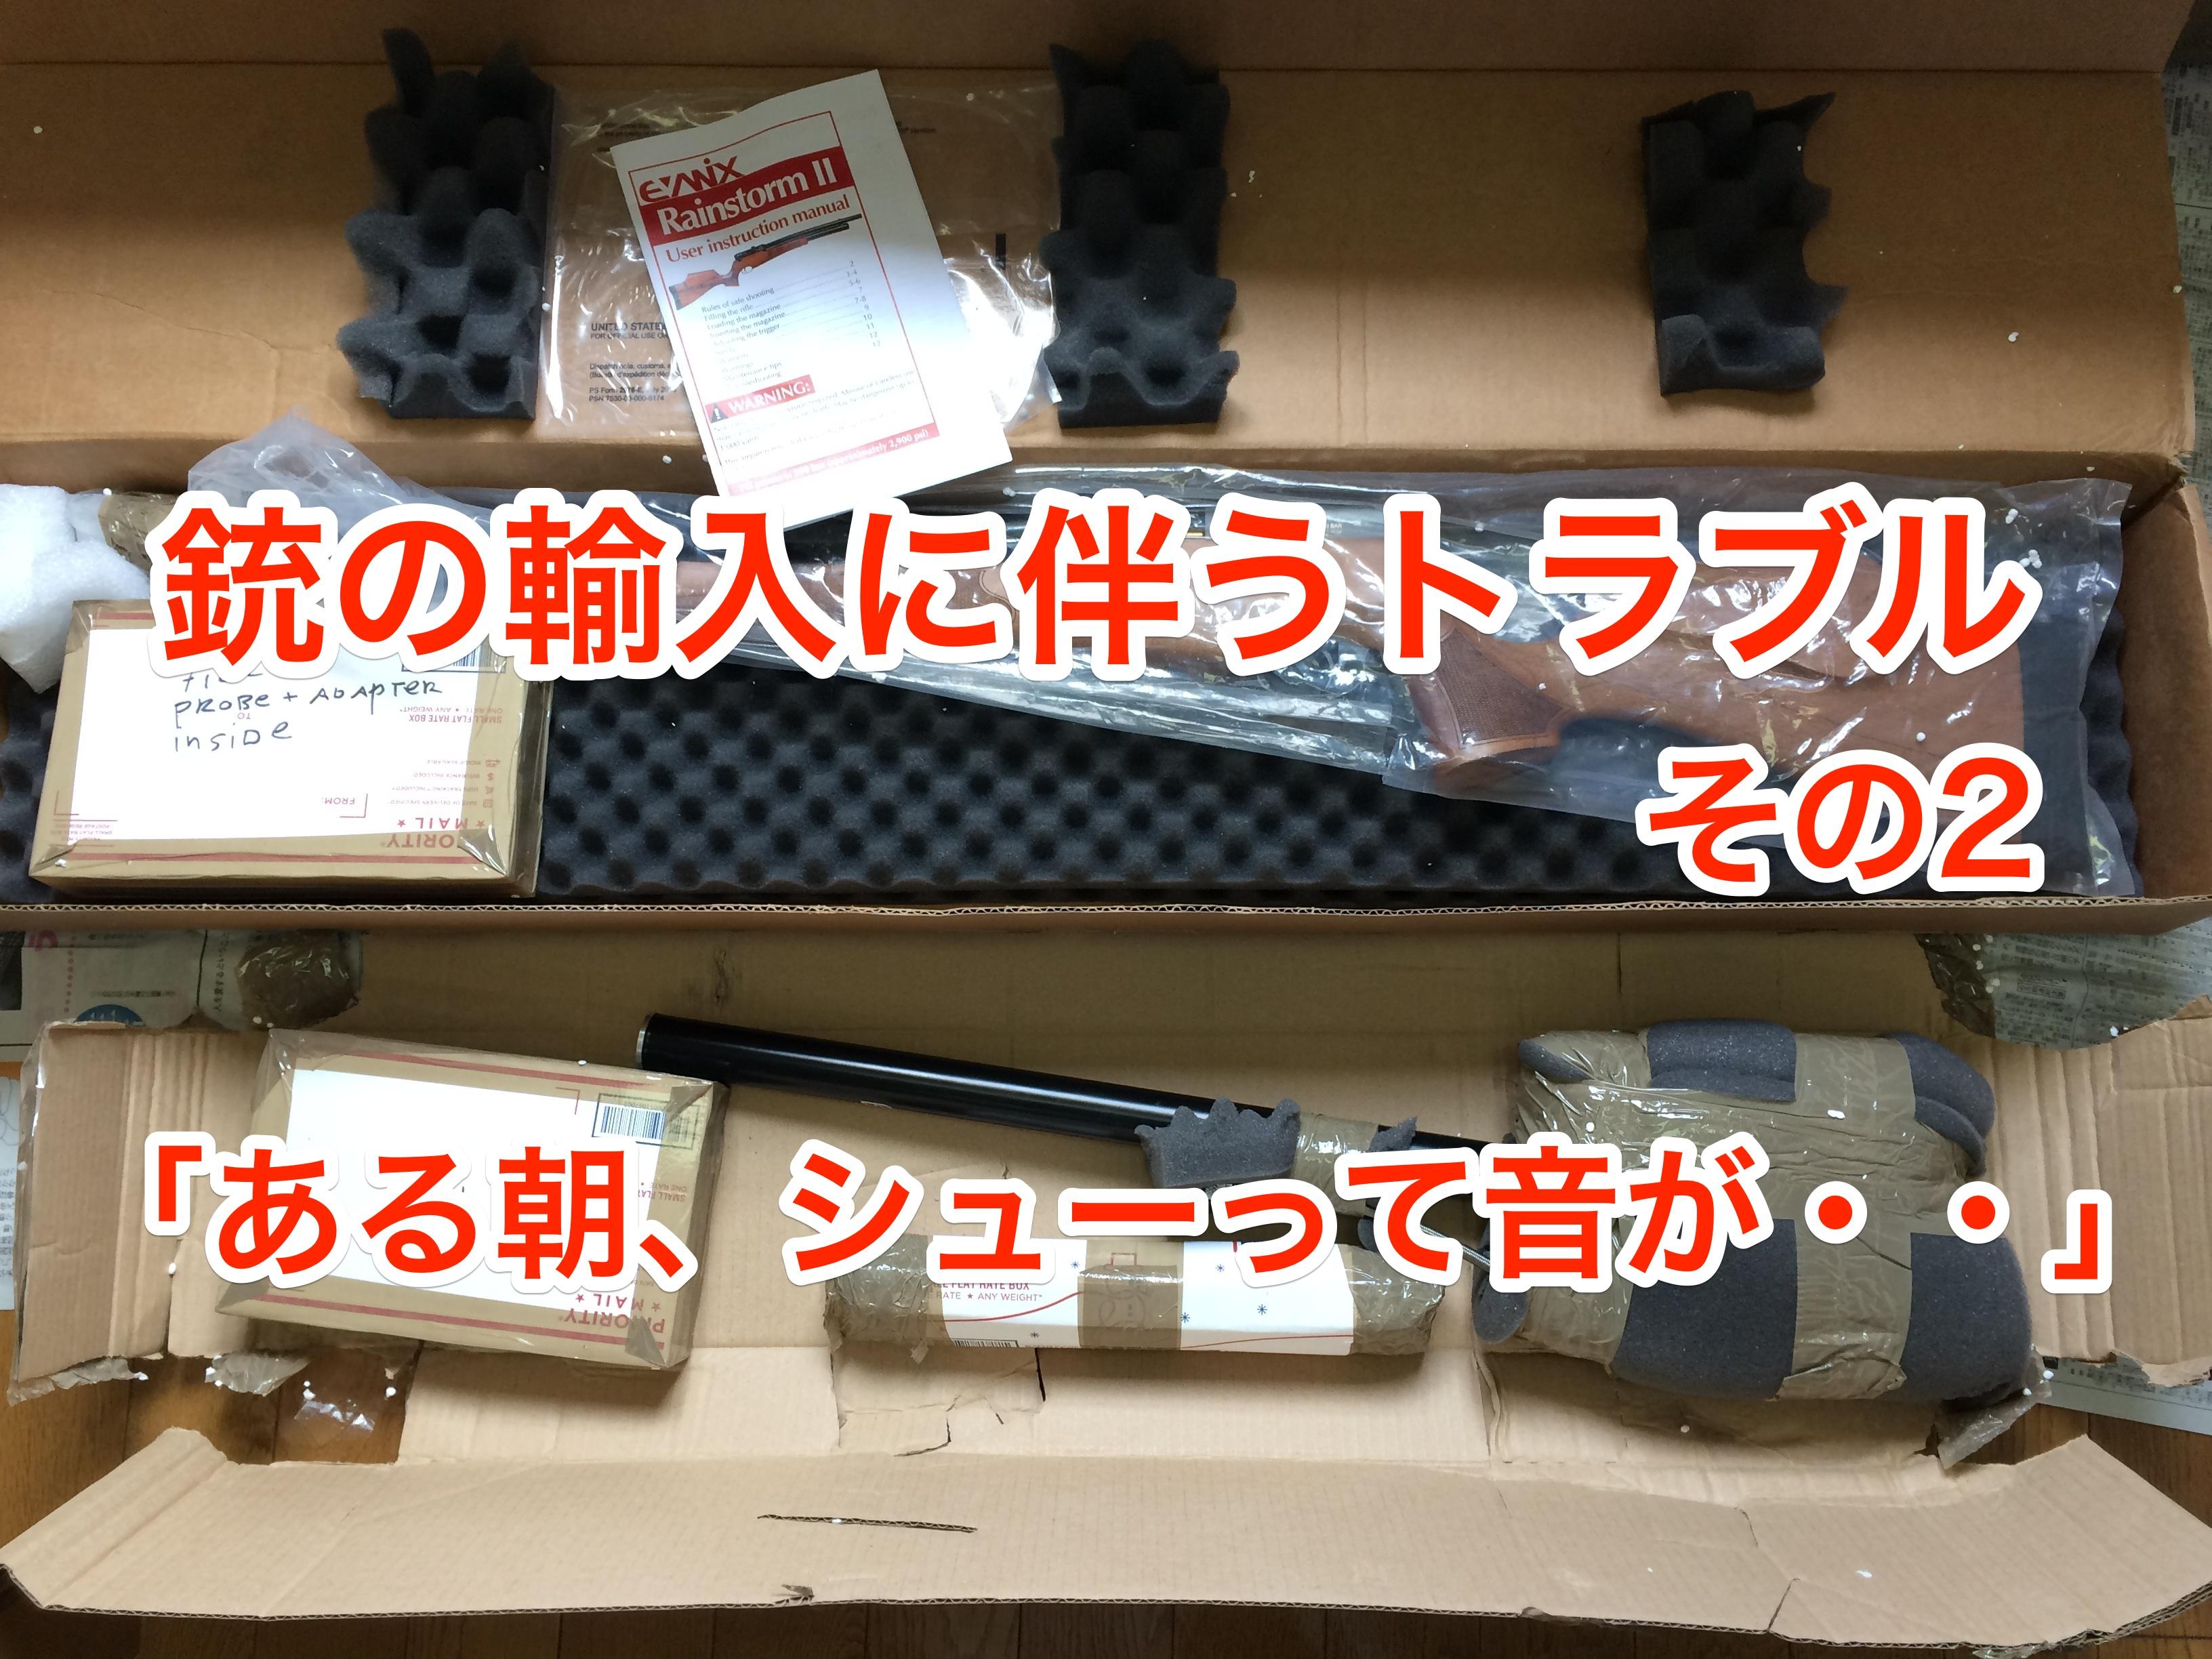 空気銃(レインストーム)輸入に伴うトラブル、その2「ある朝、突然シューって音が」→分解・修理することに